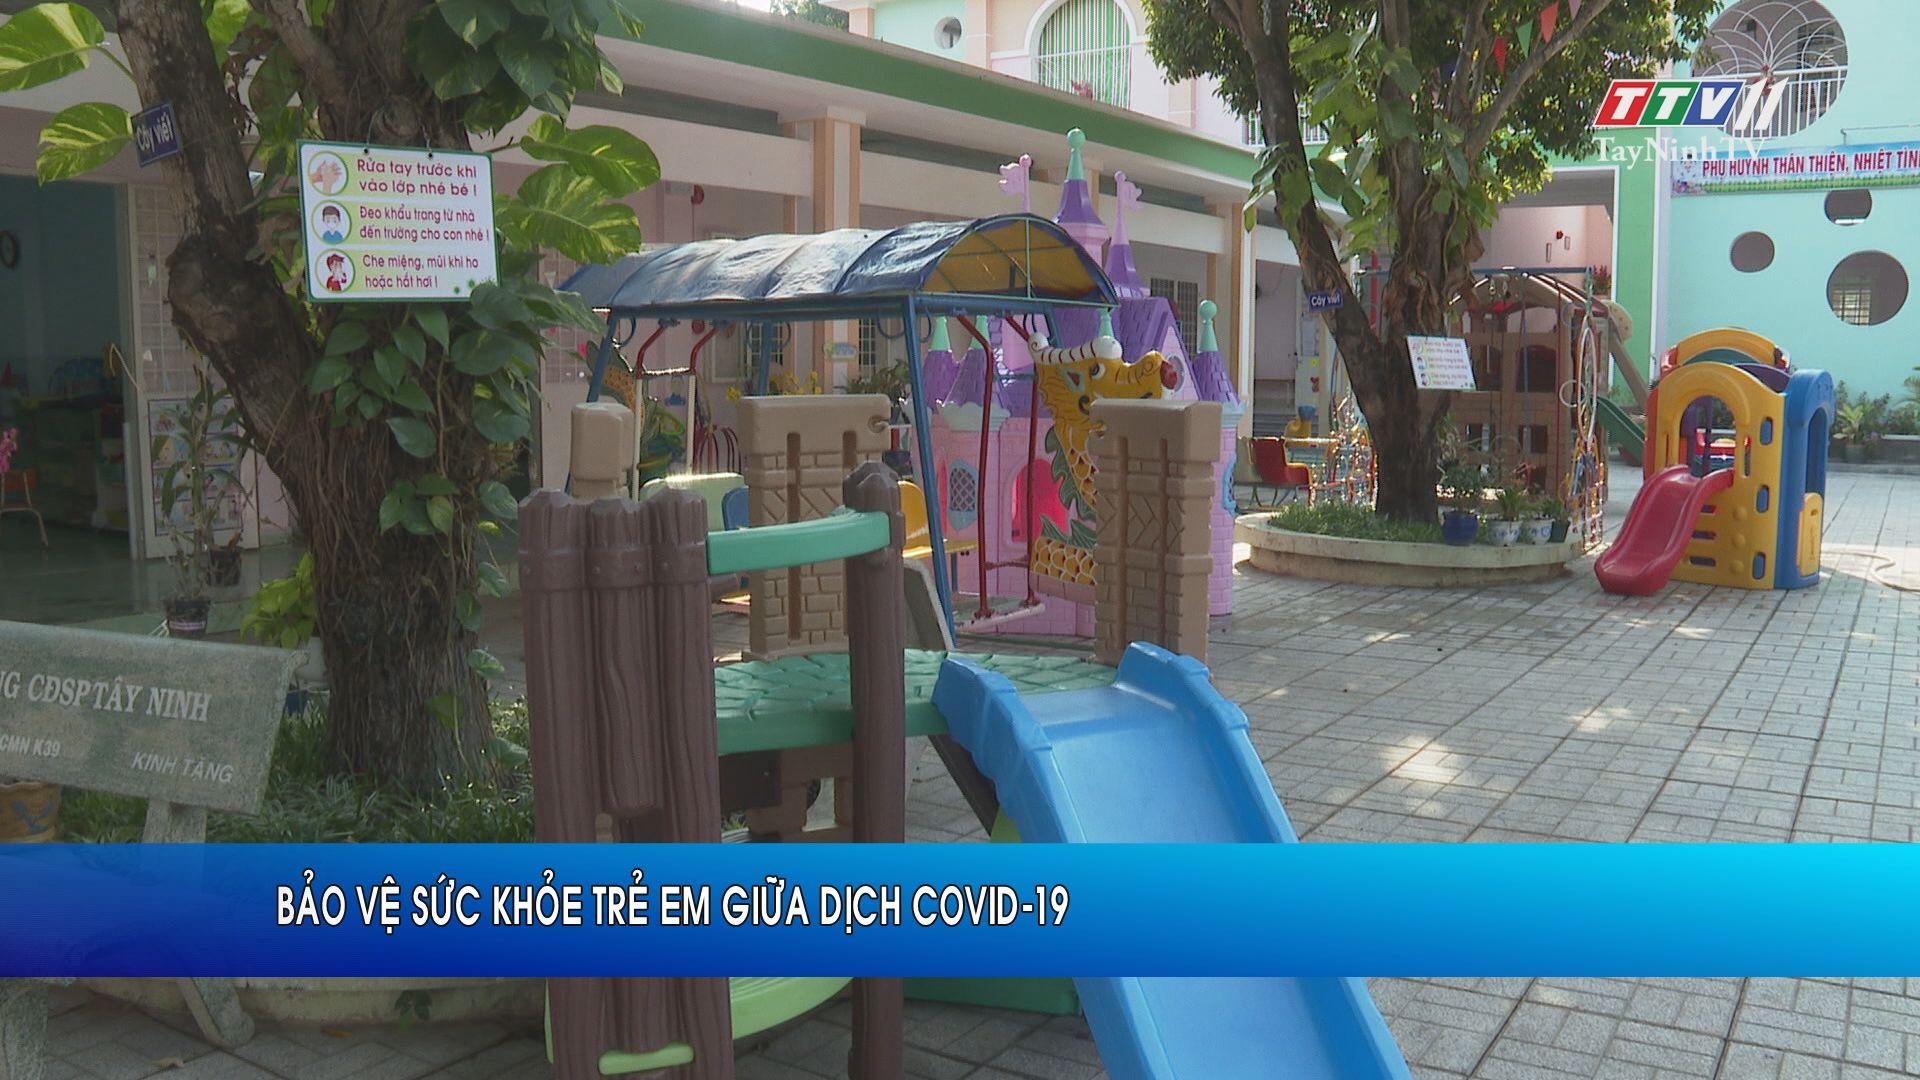 Bảo vệ sức khỏe trẻ em giữa dịch Covid-19 | SỨC KHỎE CHO MỌI NGƯỜI | TayNinhTV